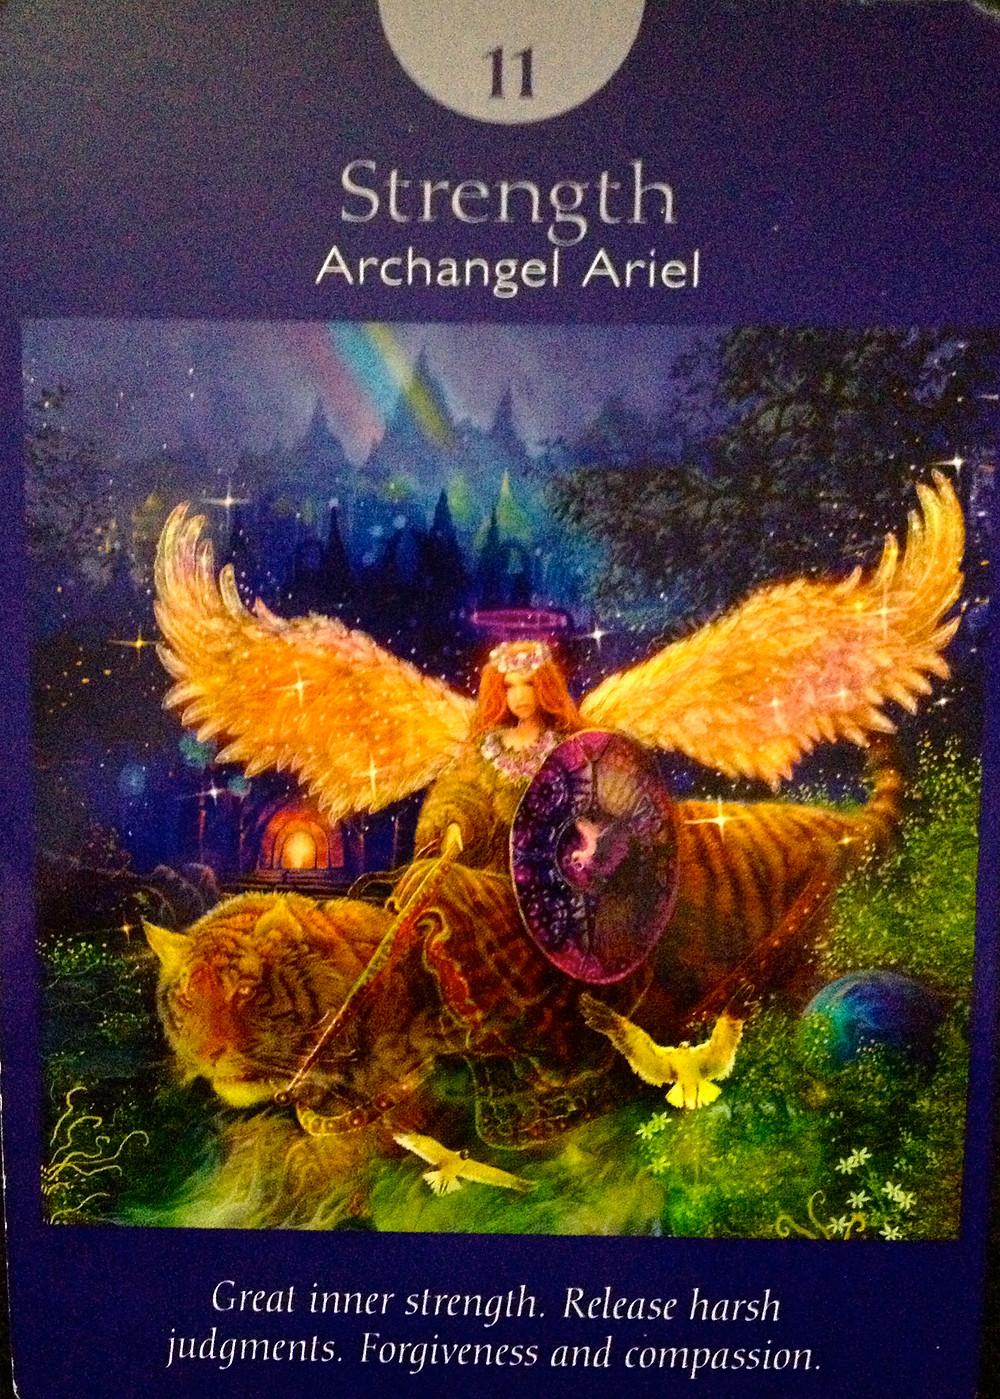 Psychic Tarot Readings Martha's Tarot  11 Strength